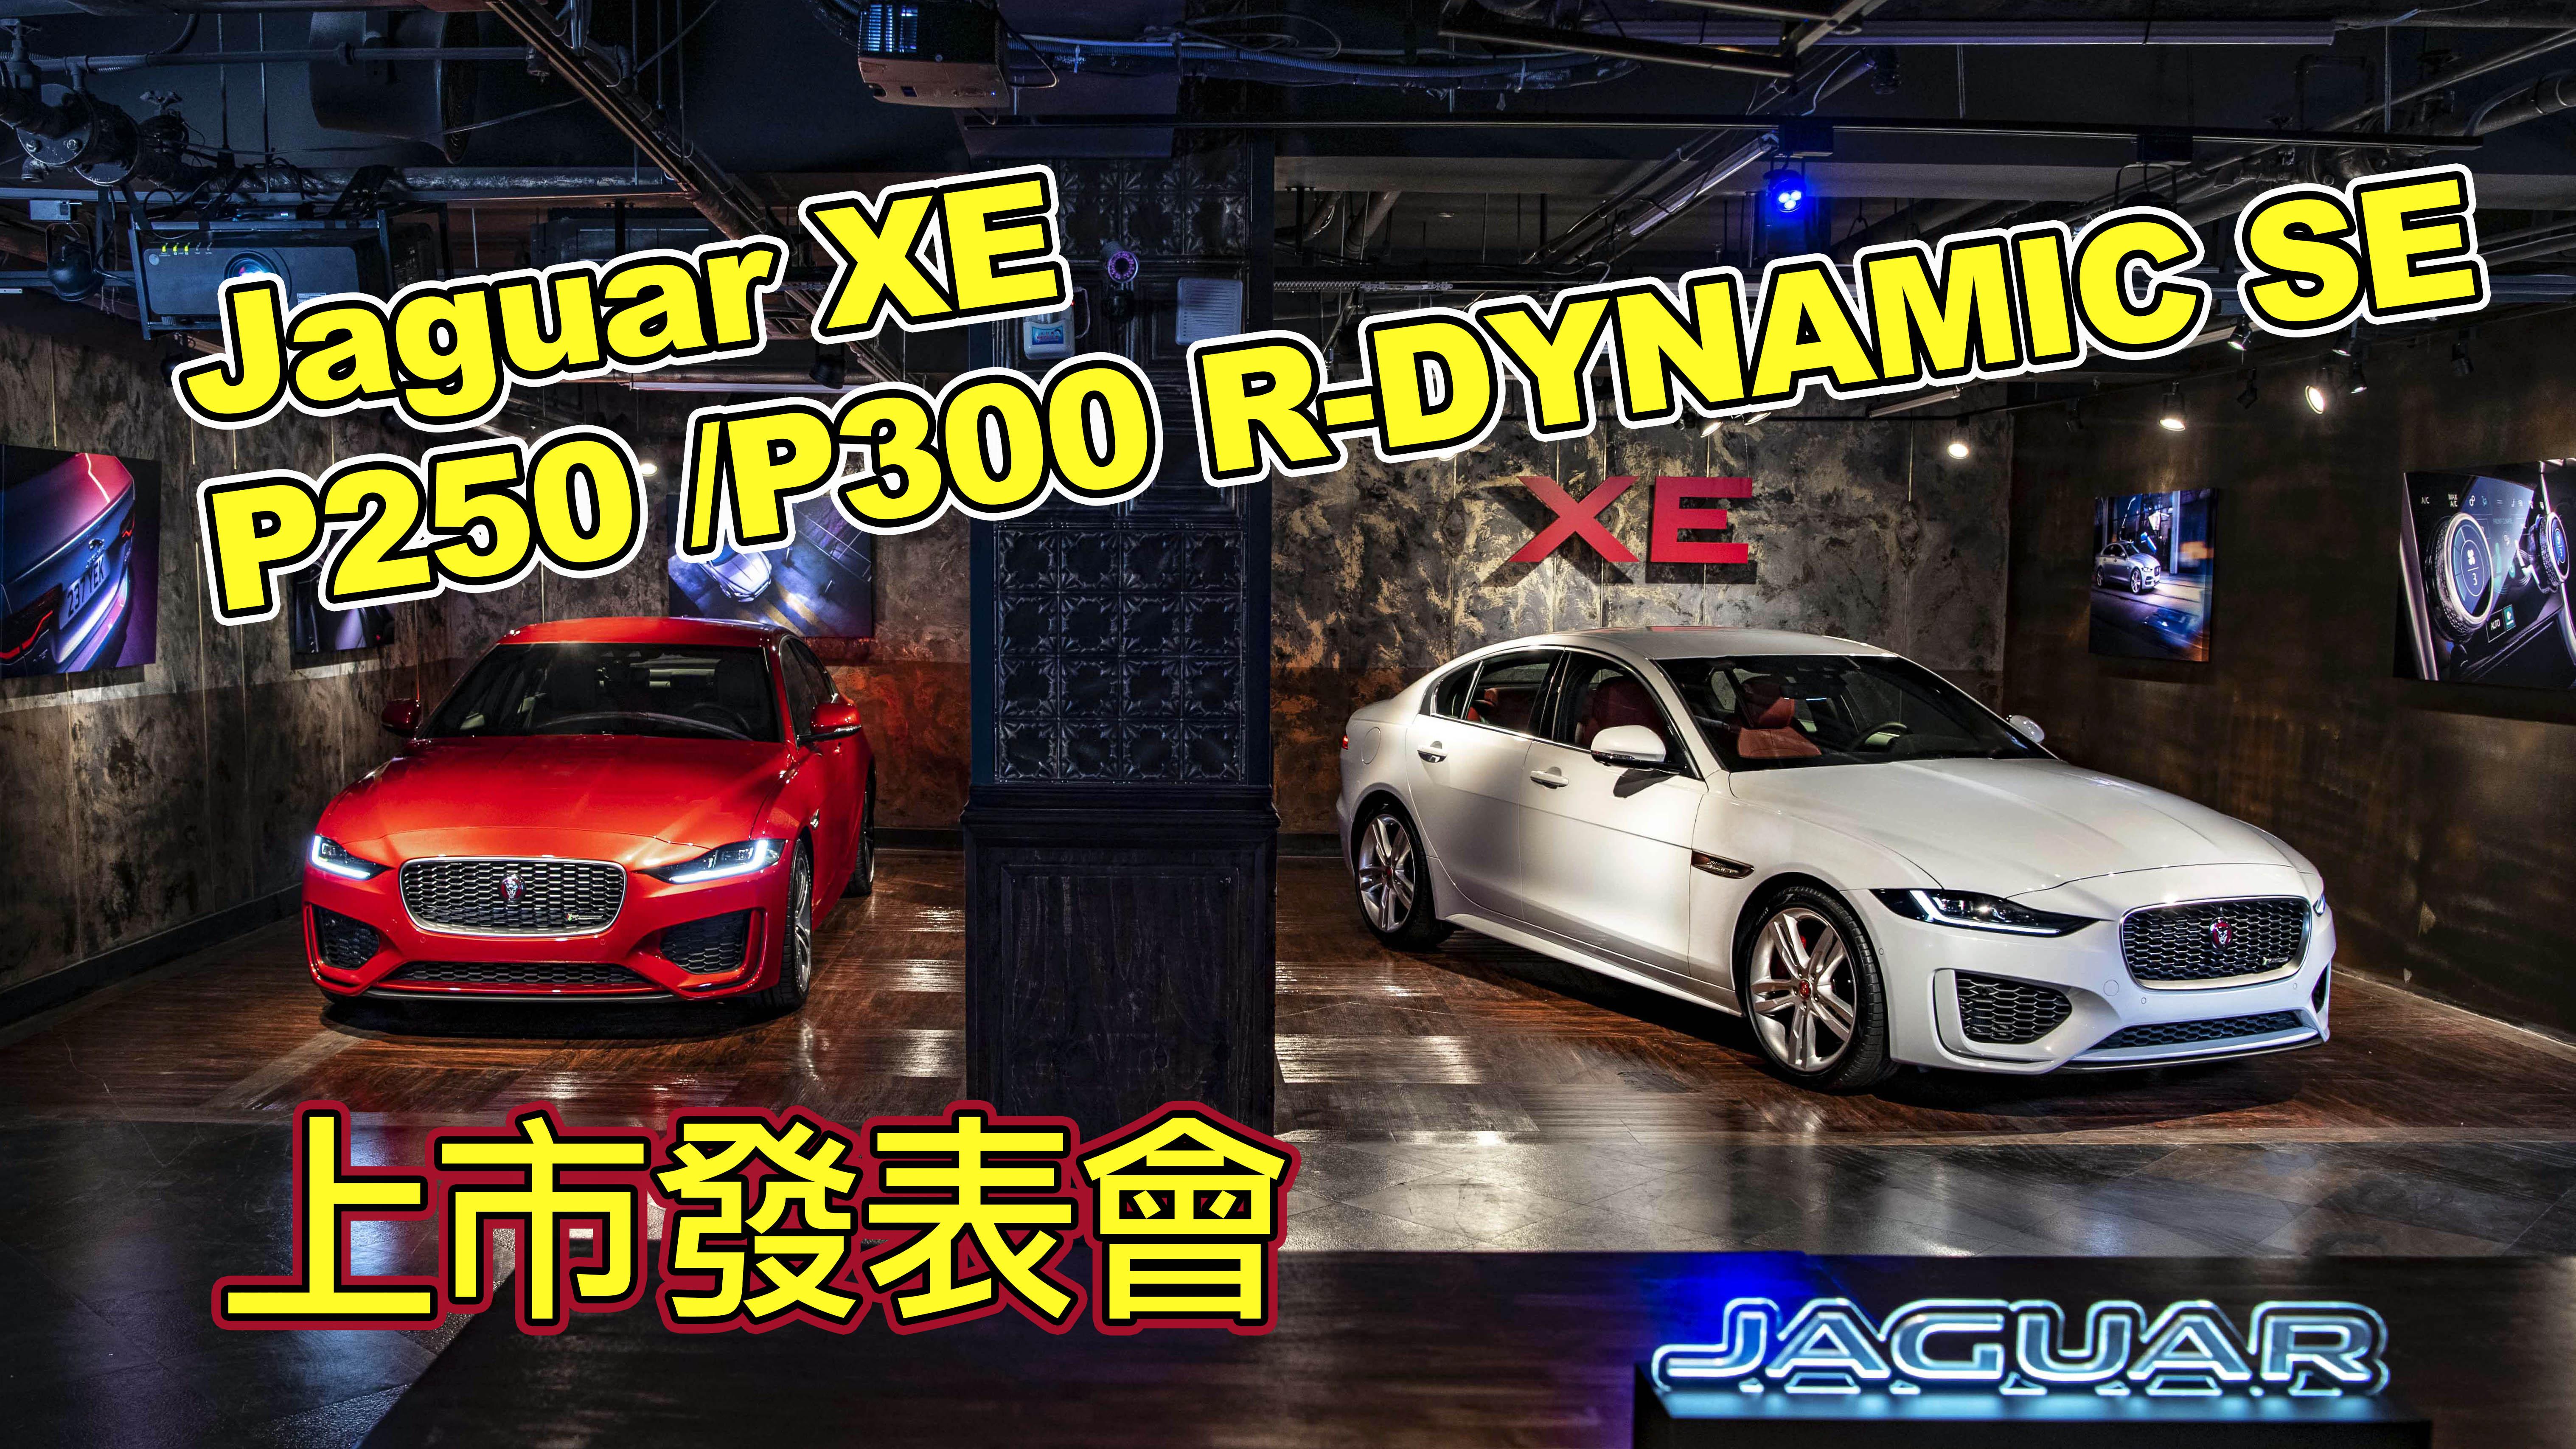 豪華科技加持!英式美豹 | Jaguar XE P250 / P300 R-DYNAMIC SE 上市發表會